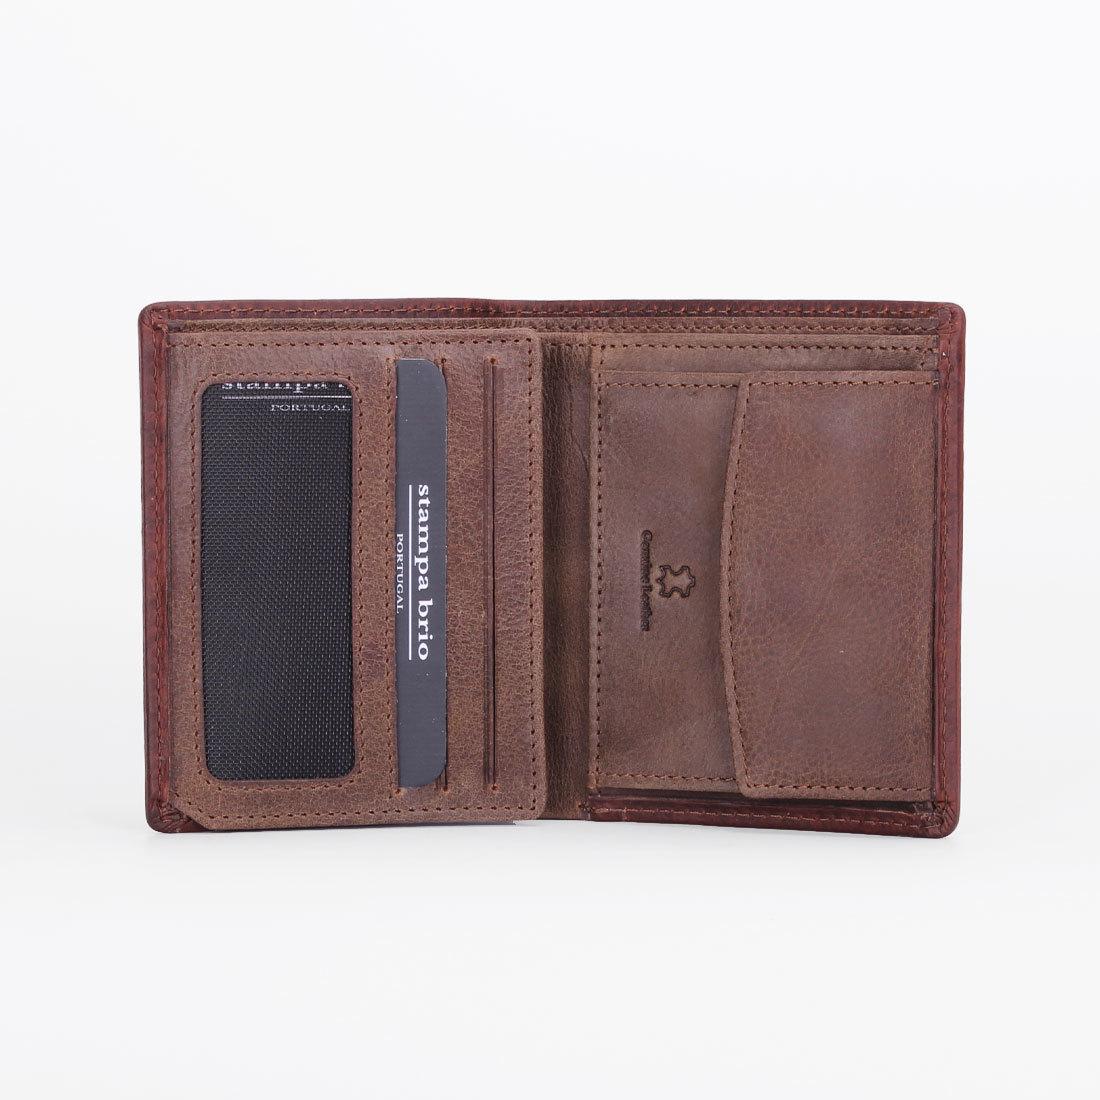 619 R - Портмоне компактное с RFID защитой